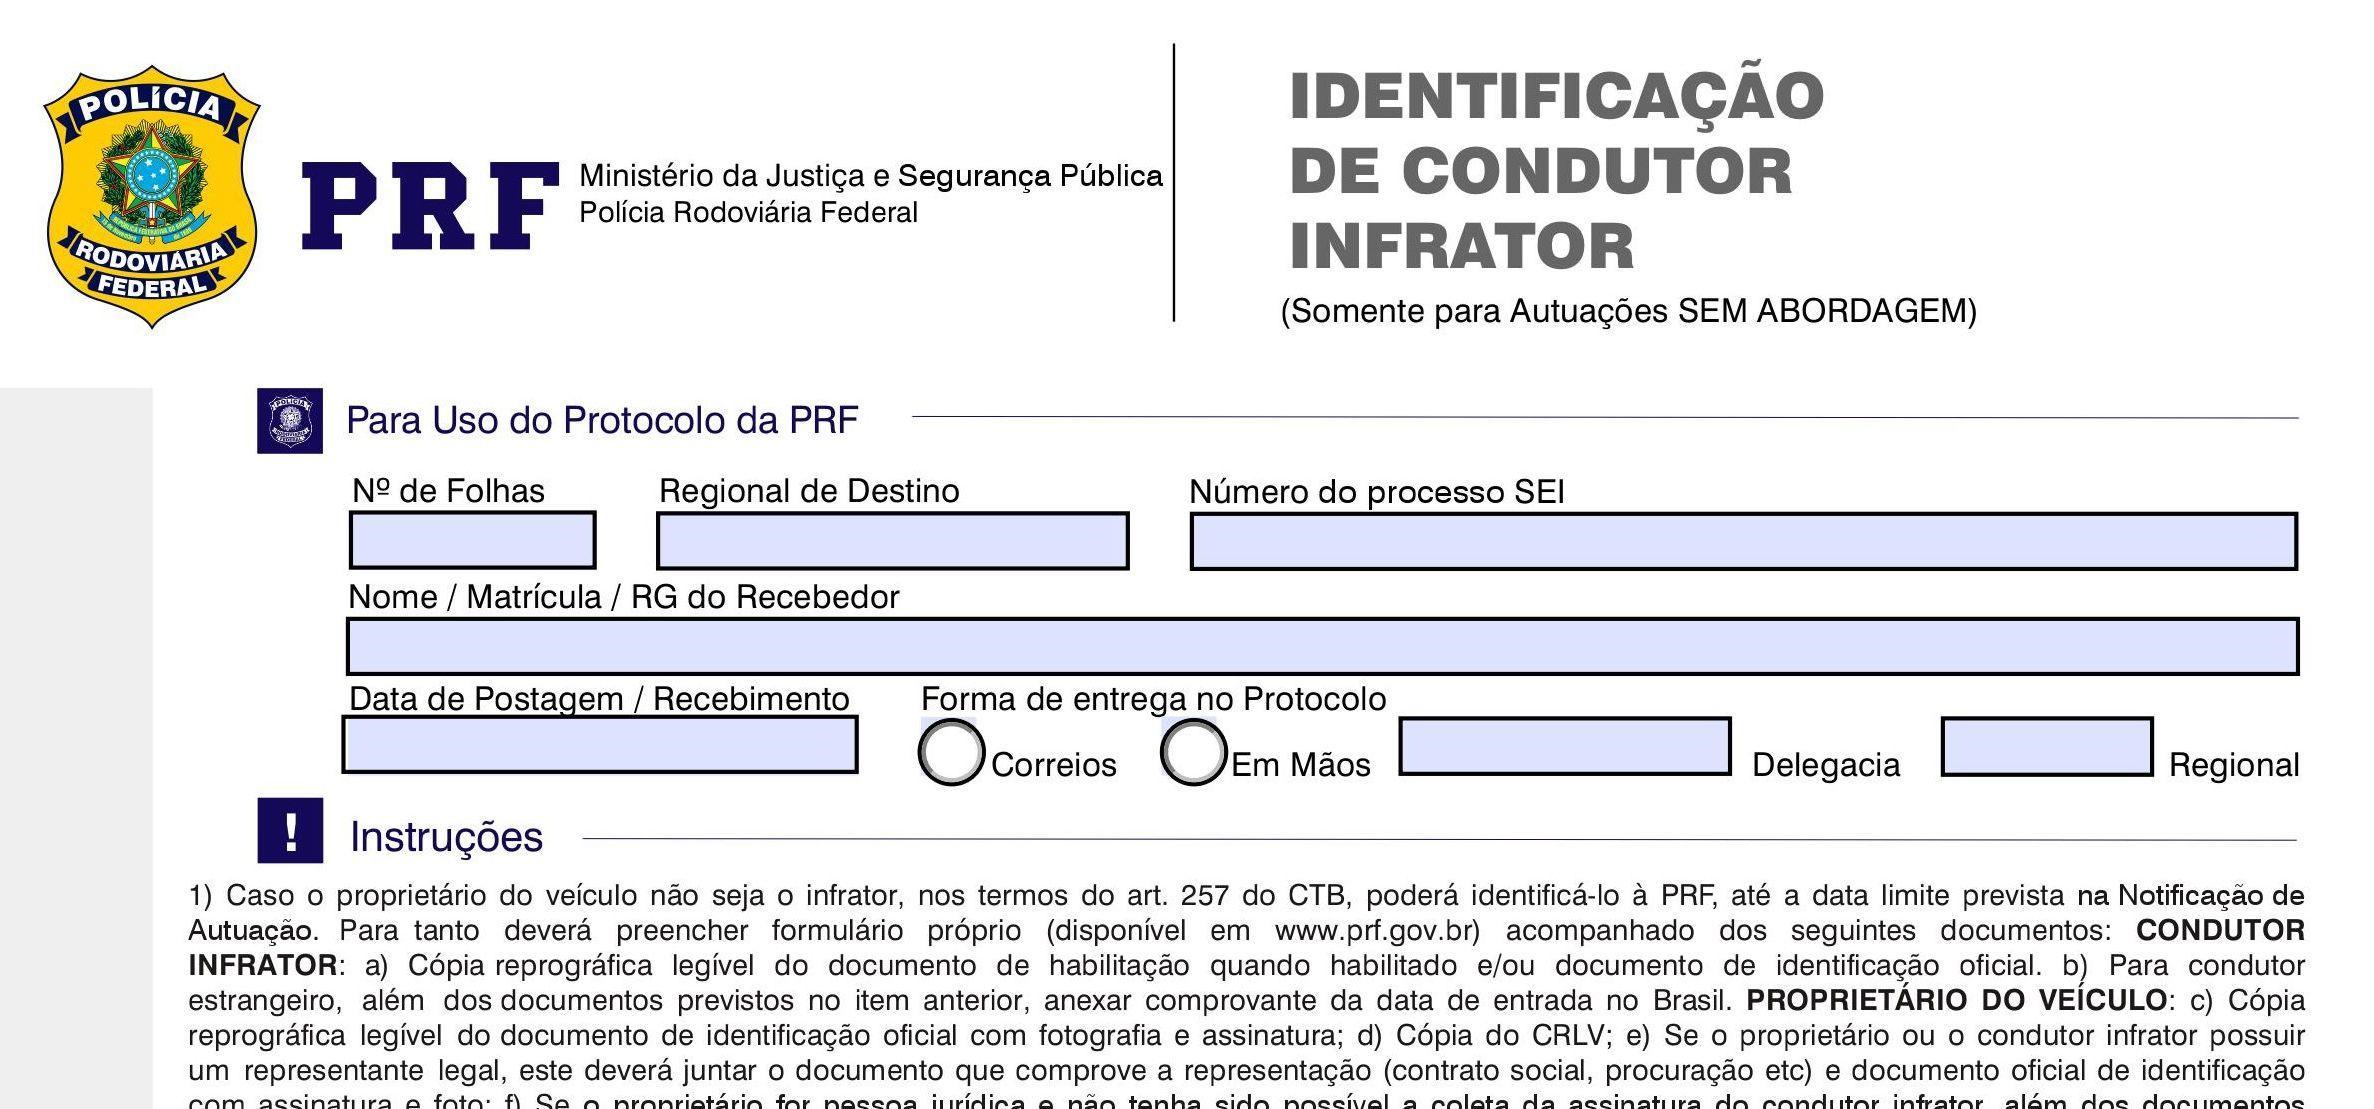 imagem formulario de identificacao do condutor e15580281963681